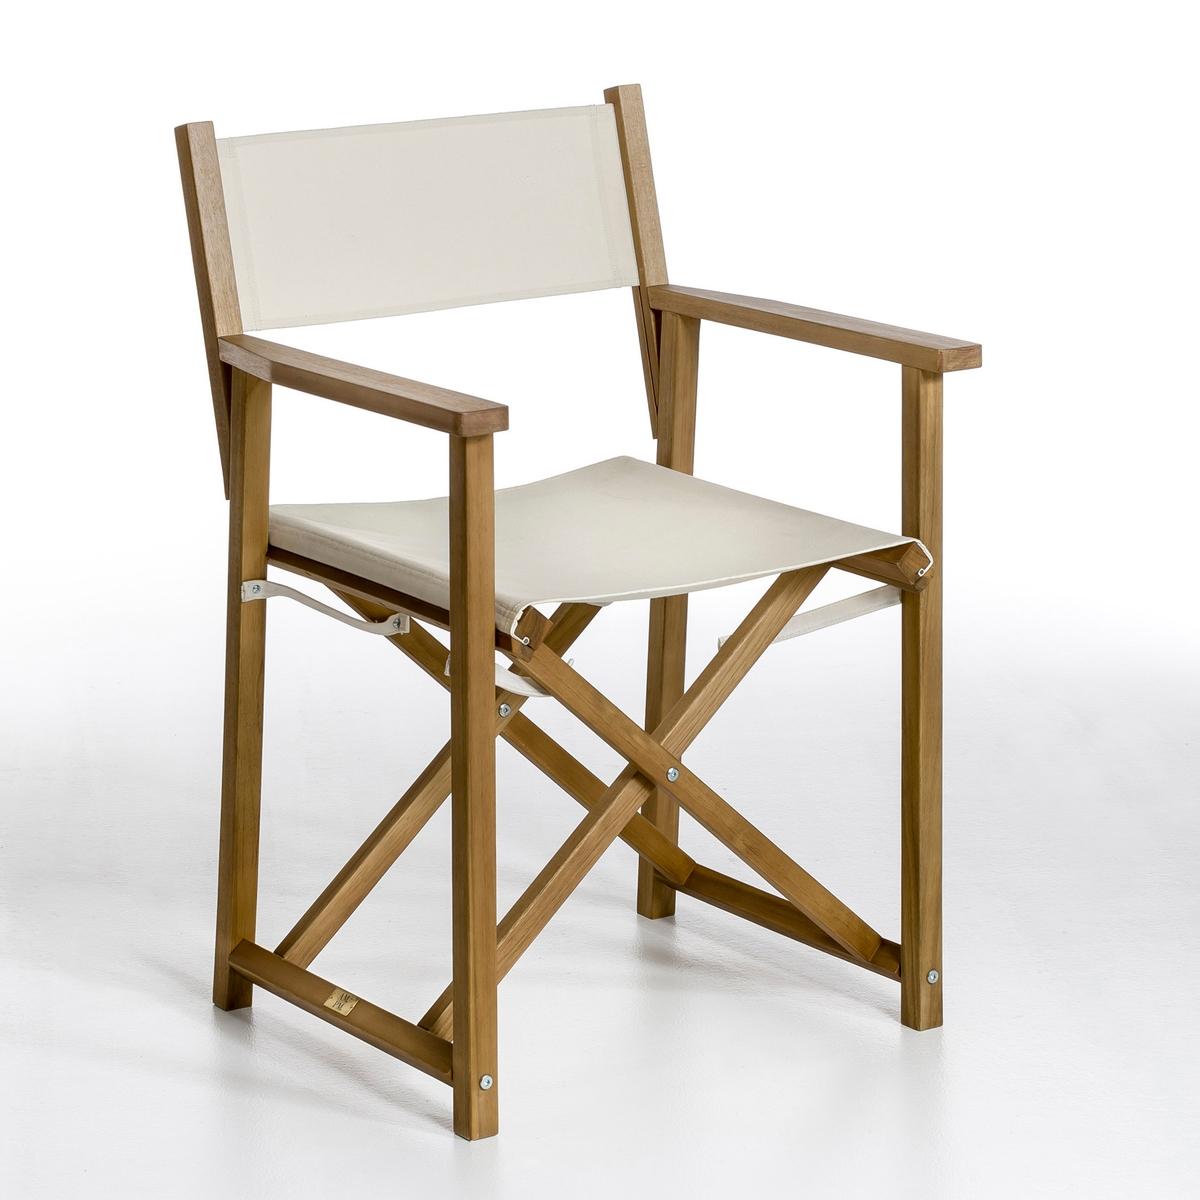 Кресло режиссерское AlfredКресло Alfred. Это складное кресло пригодится как внутри помещения, так и снаружи. Характеристики: : - Структура из акации цвета тикового дерева, покрытие олифой. - Ткань, 100% хлопка со специальной обработкой для использования на улице. - Доставка с собранном видеРазмеры : - Шир. 59 x Выс. 85 x Гл. 54 см. - Сиденье : Шир. 46 x Выс. 47 x Гл. 45 см.    Размеры и вес упаковки : - Шир. 8 x Выс. 25 x Гл. 58 см, 6 кг:!! .<br><br>Цвет: экрю